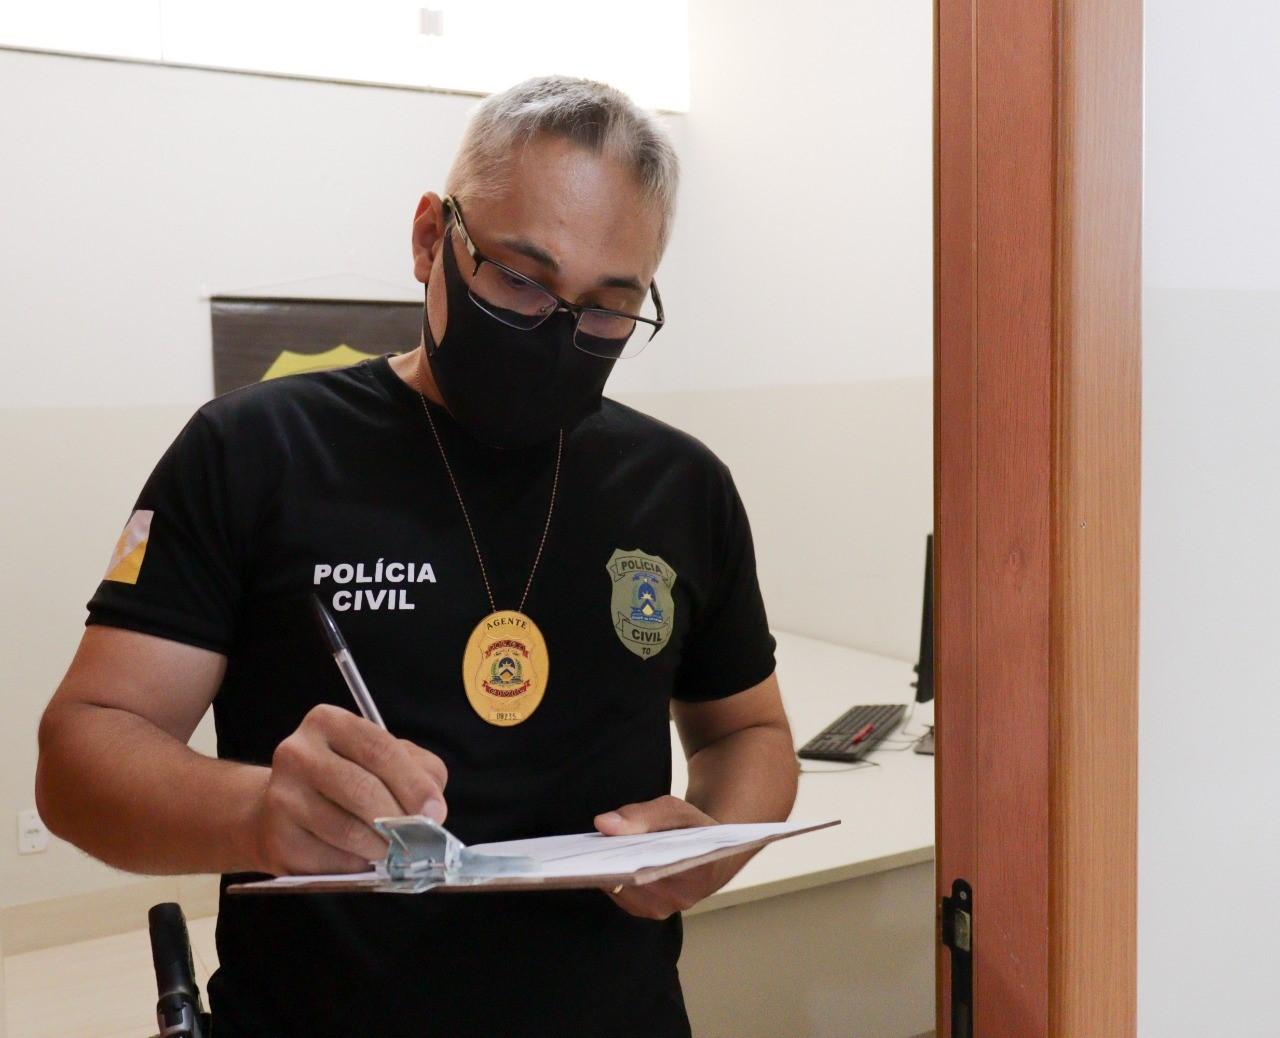 Polícia Civil identifica quadrilha responsável por roubos de cargas no Tocantins, Pará e Maranhão